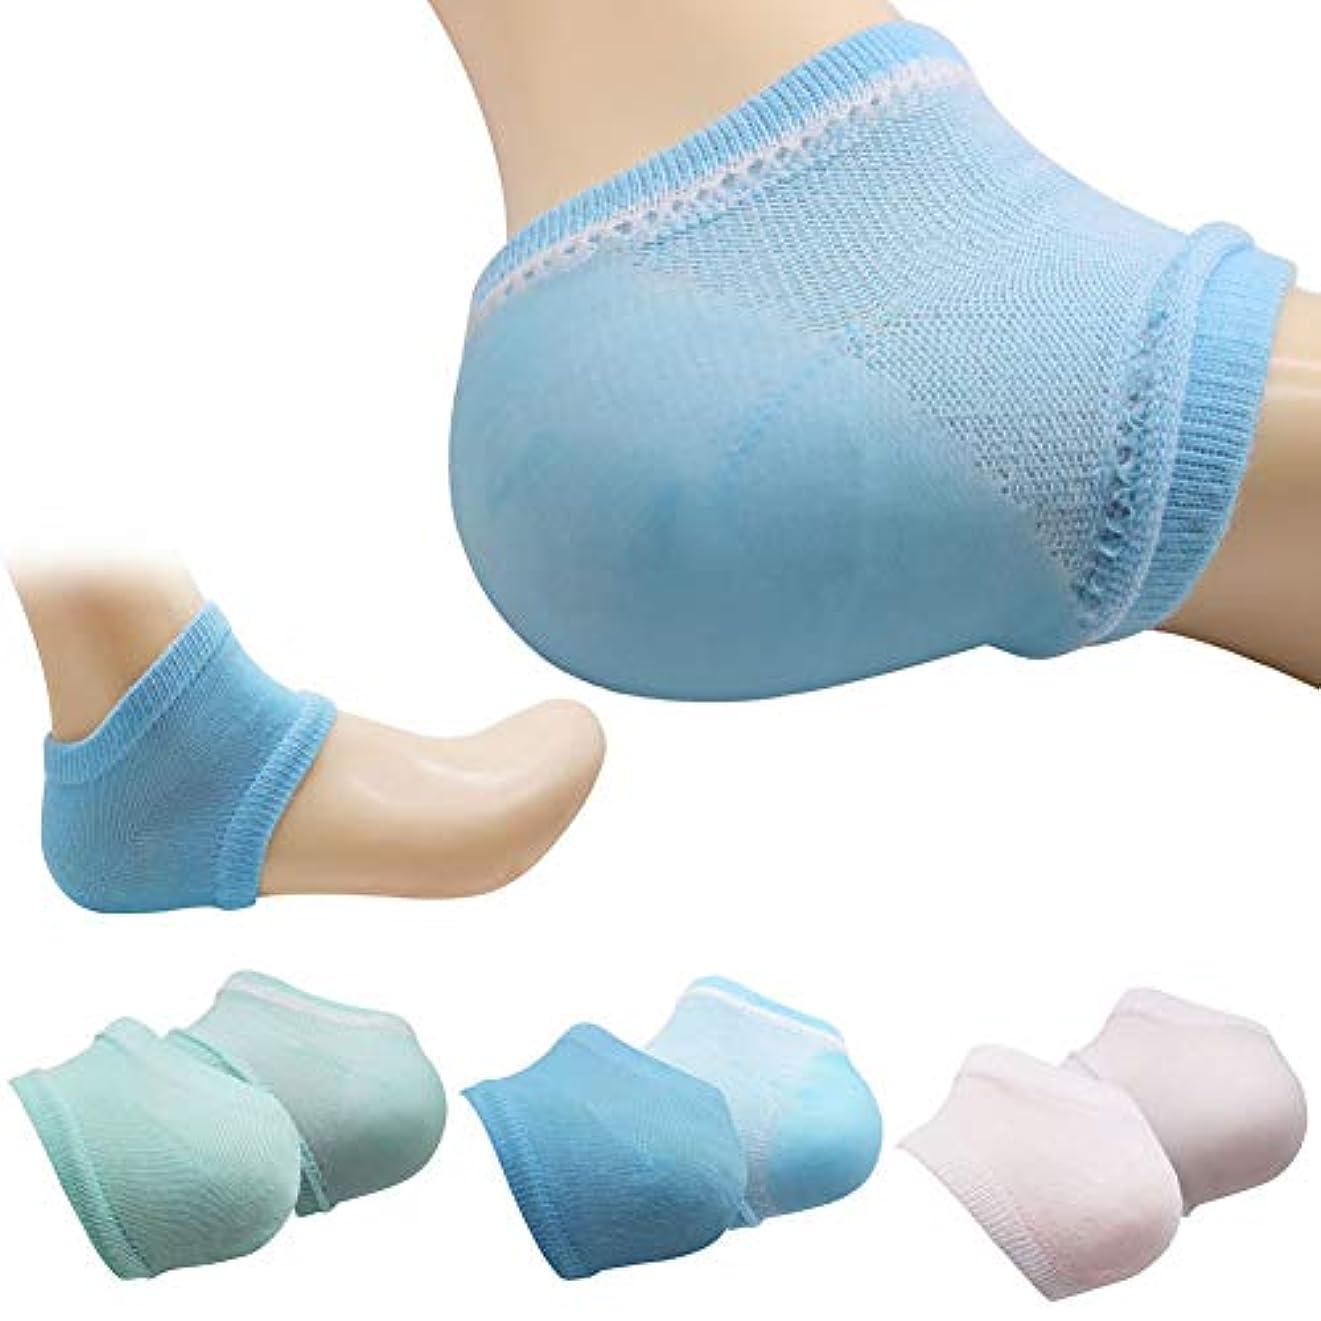 ポーズ症状北米K&TIME かかと 保湿ソックス かかと 靴下 ソックス かかとケア 靴下 角質ケア 滑らか スベスベ ツルツル ひび割れ ジェル 靴下 美容 足SPA 足ケア レディース フリーサイズ 3足セット